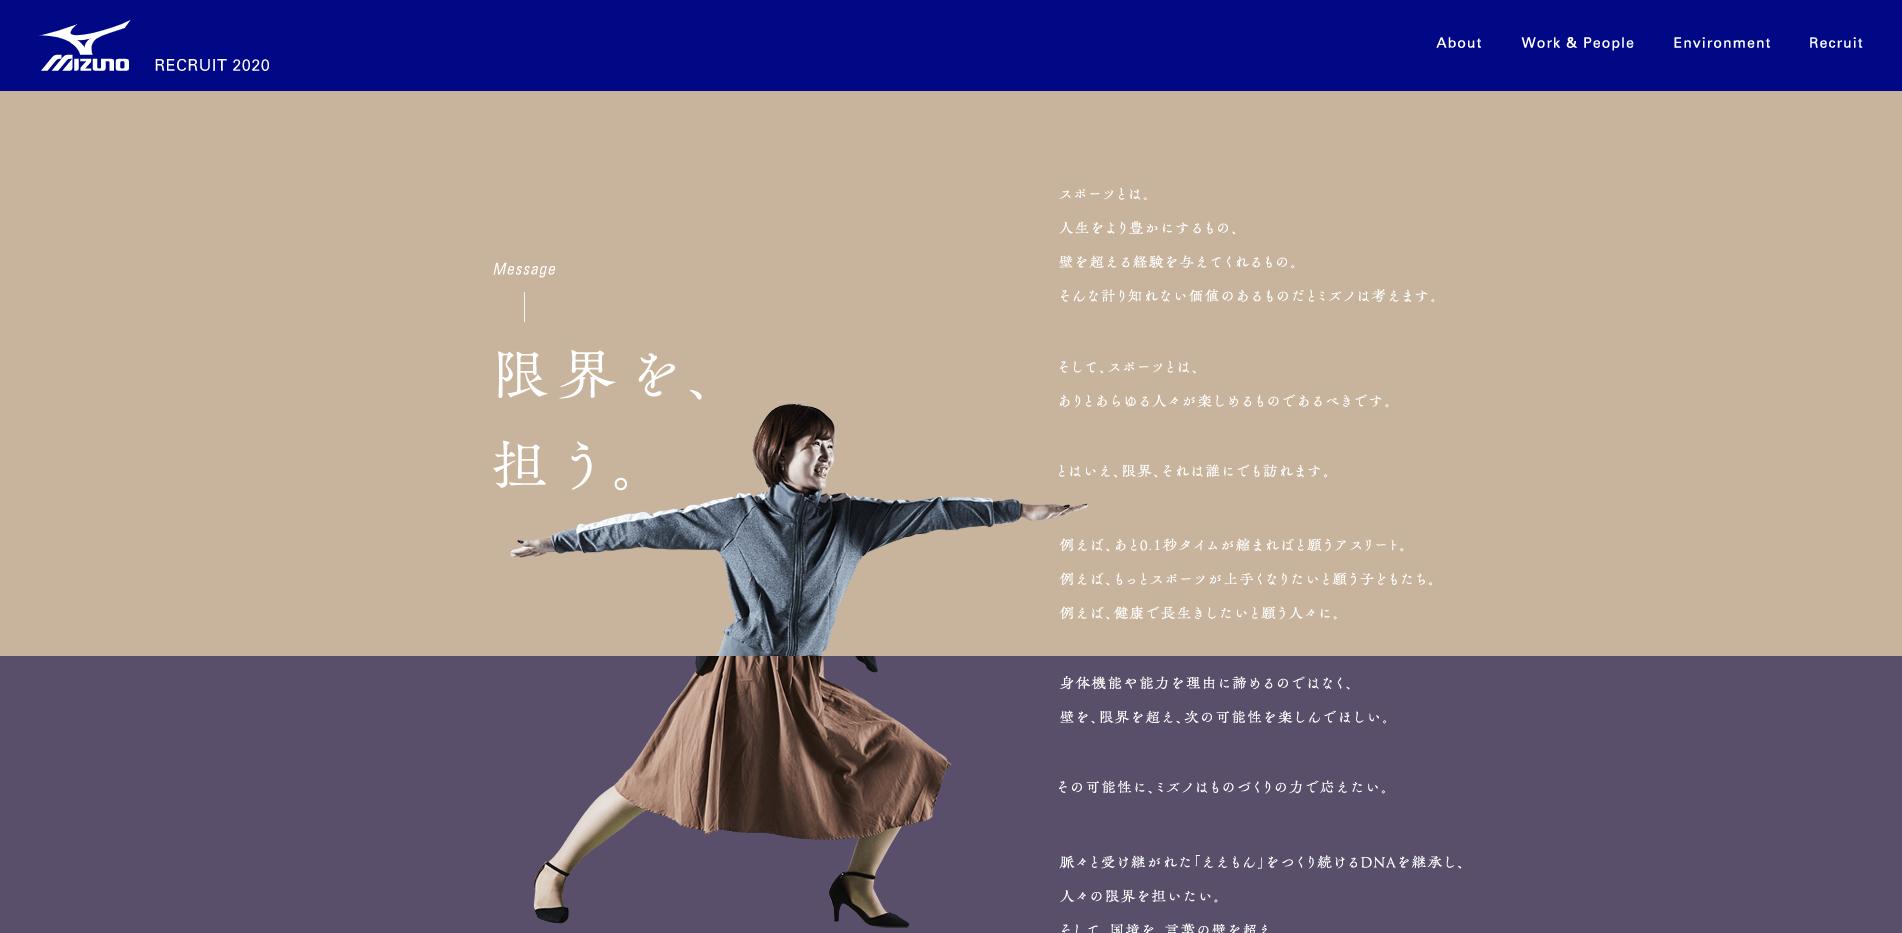 美津濃株式会社